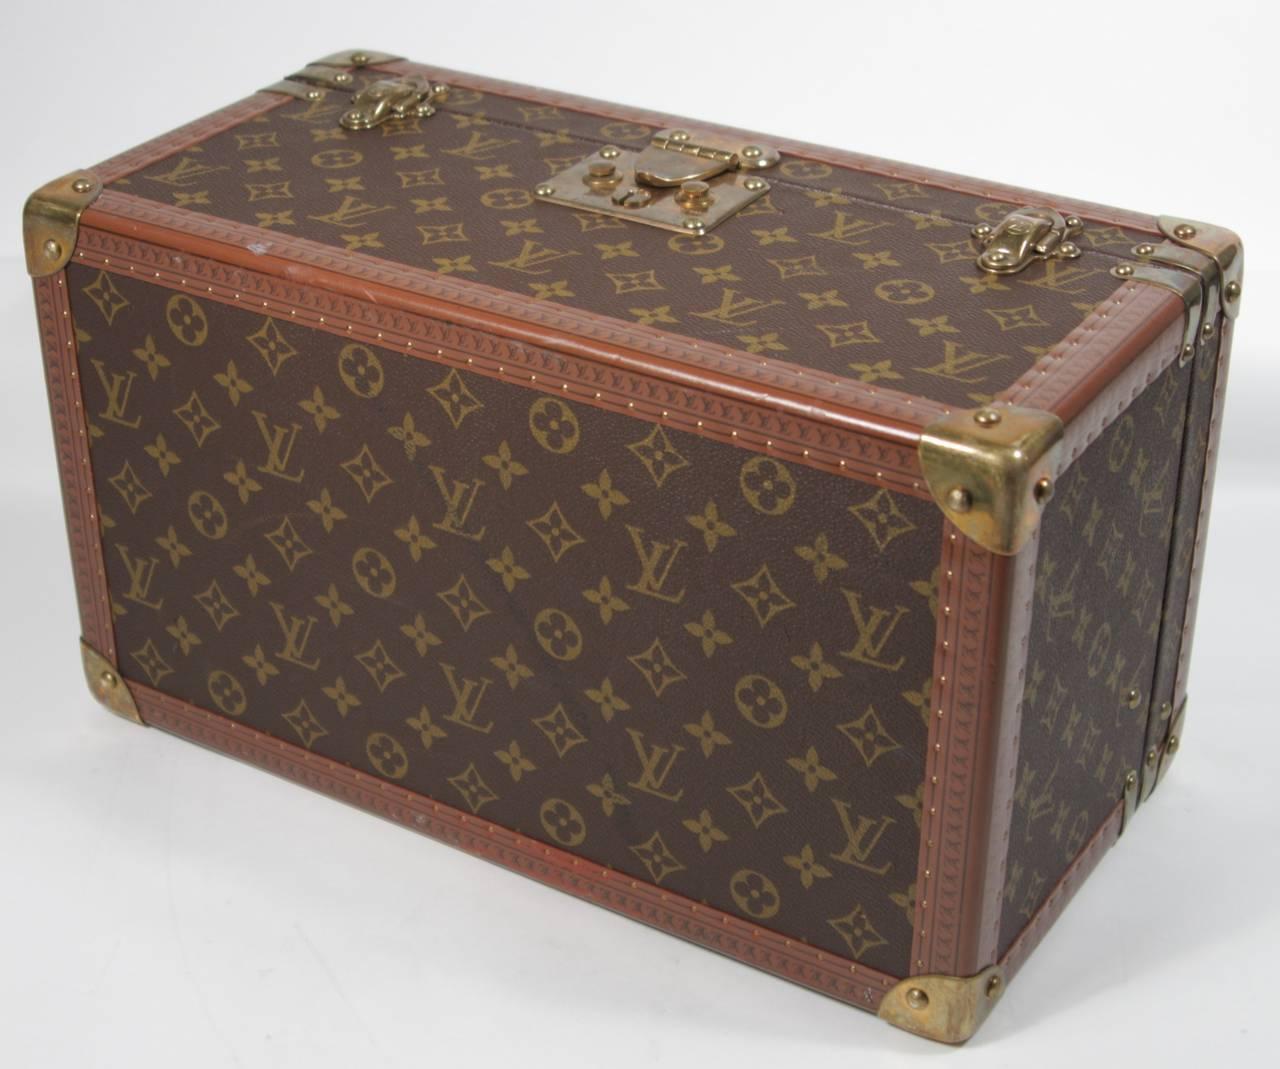 Louis Vuitton Vintage Monogram Cosmetic Travel Train Case  For Sale 4